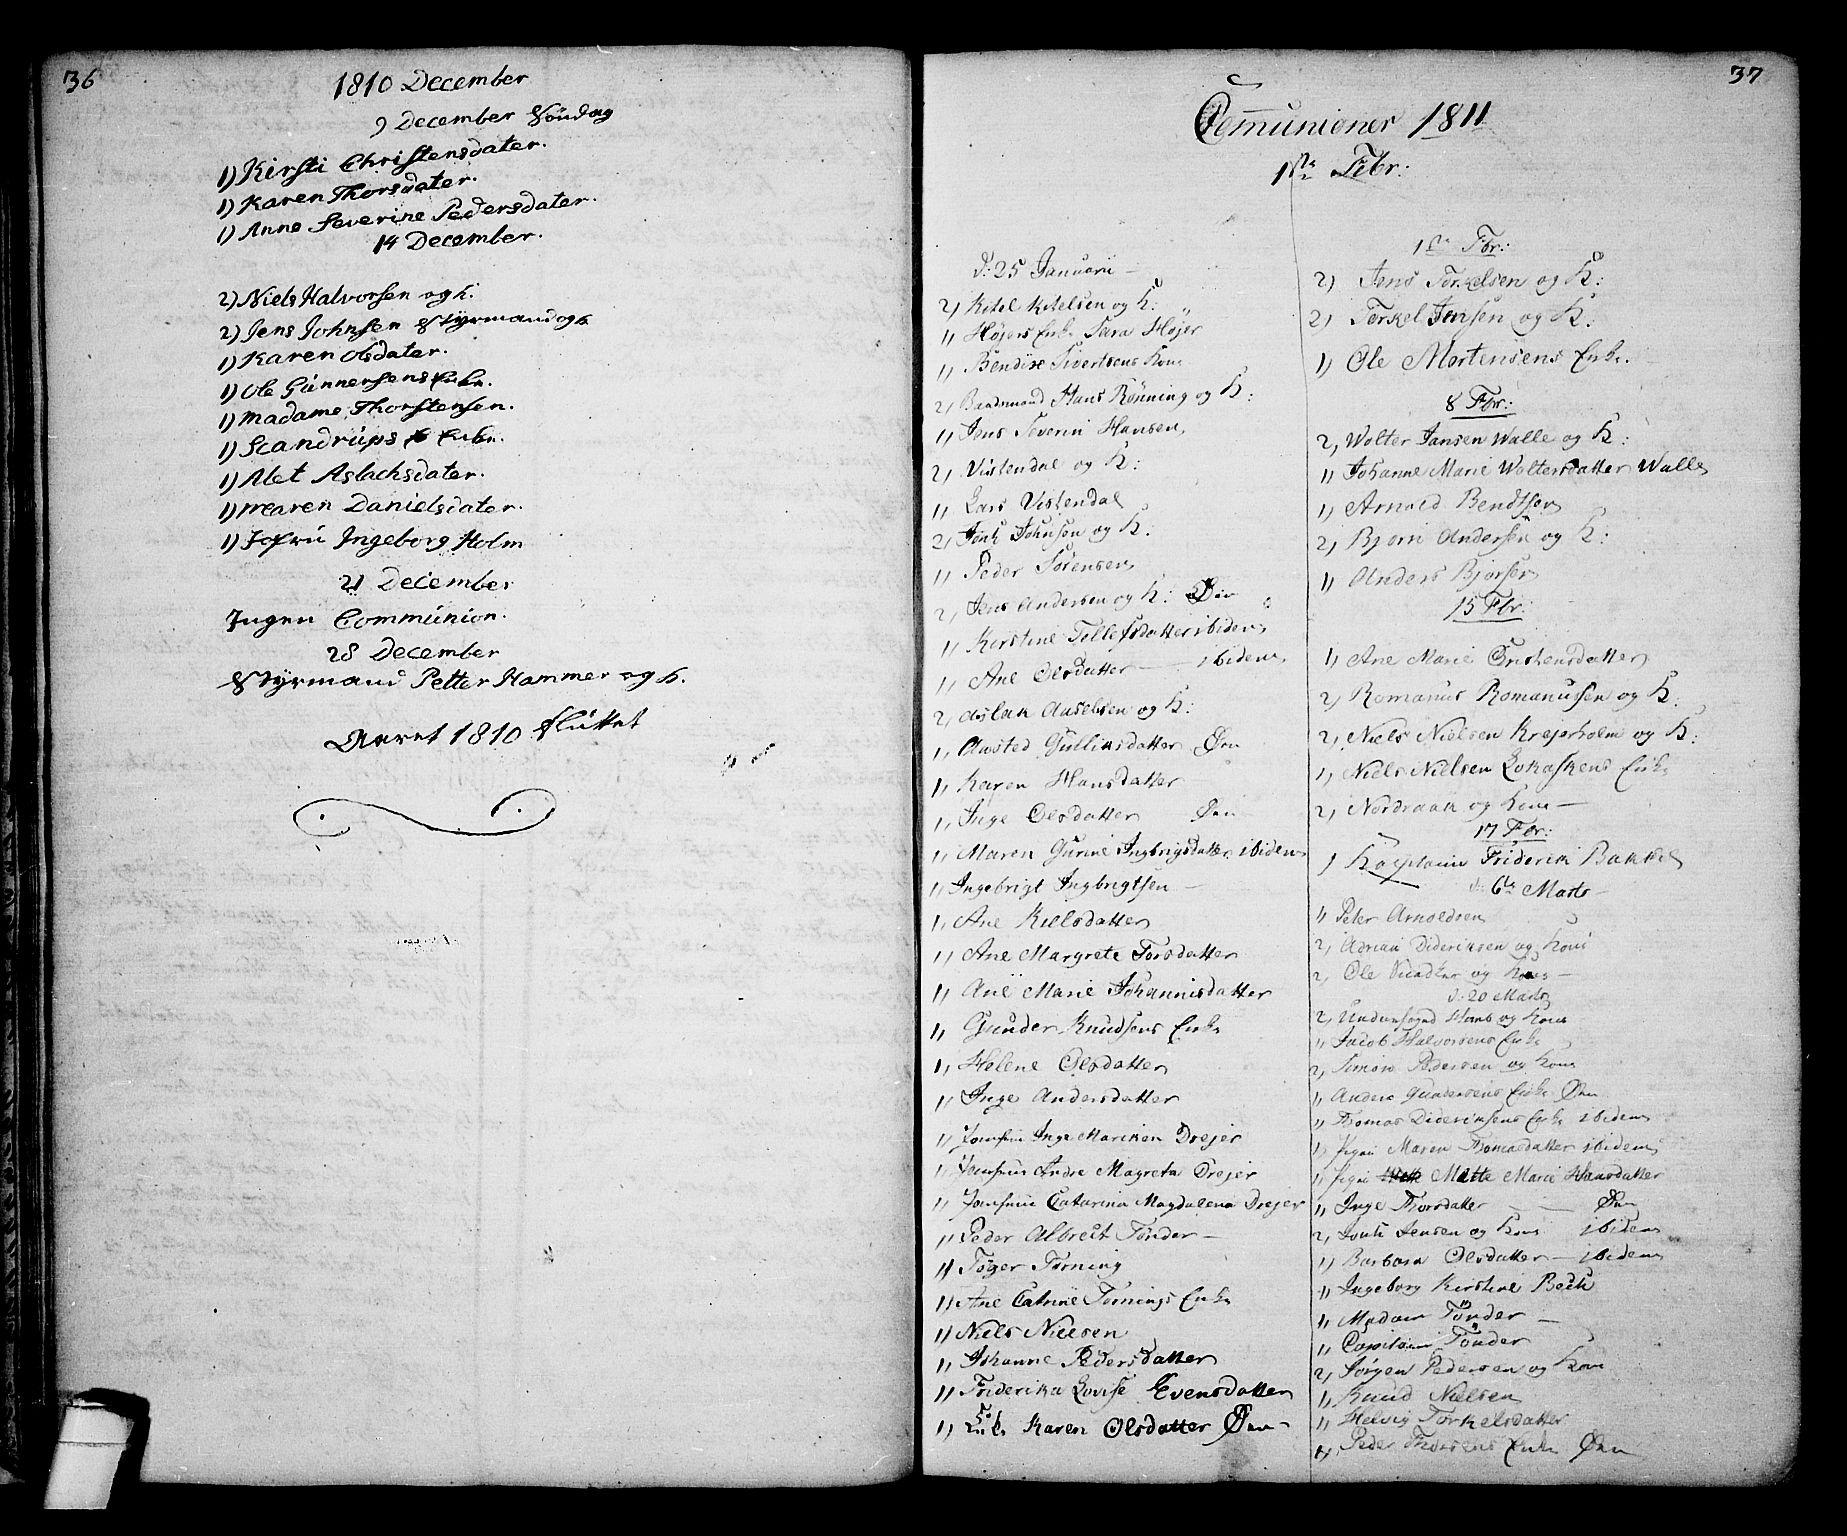 SAKO, Kragerø kirkebøker, G/Ga/L0001: Klokkerbok nr. 1 /1, 1806-1811, s. 36-37